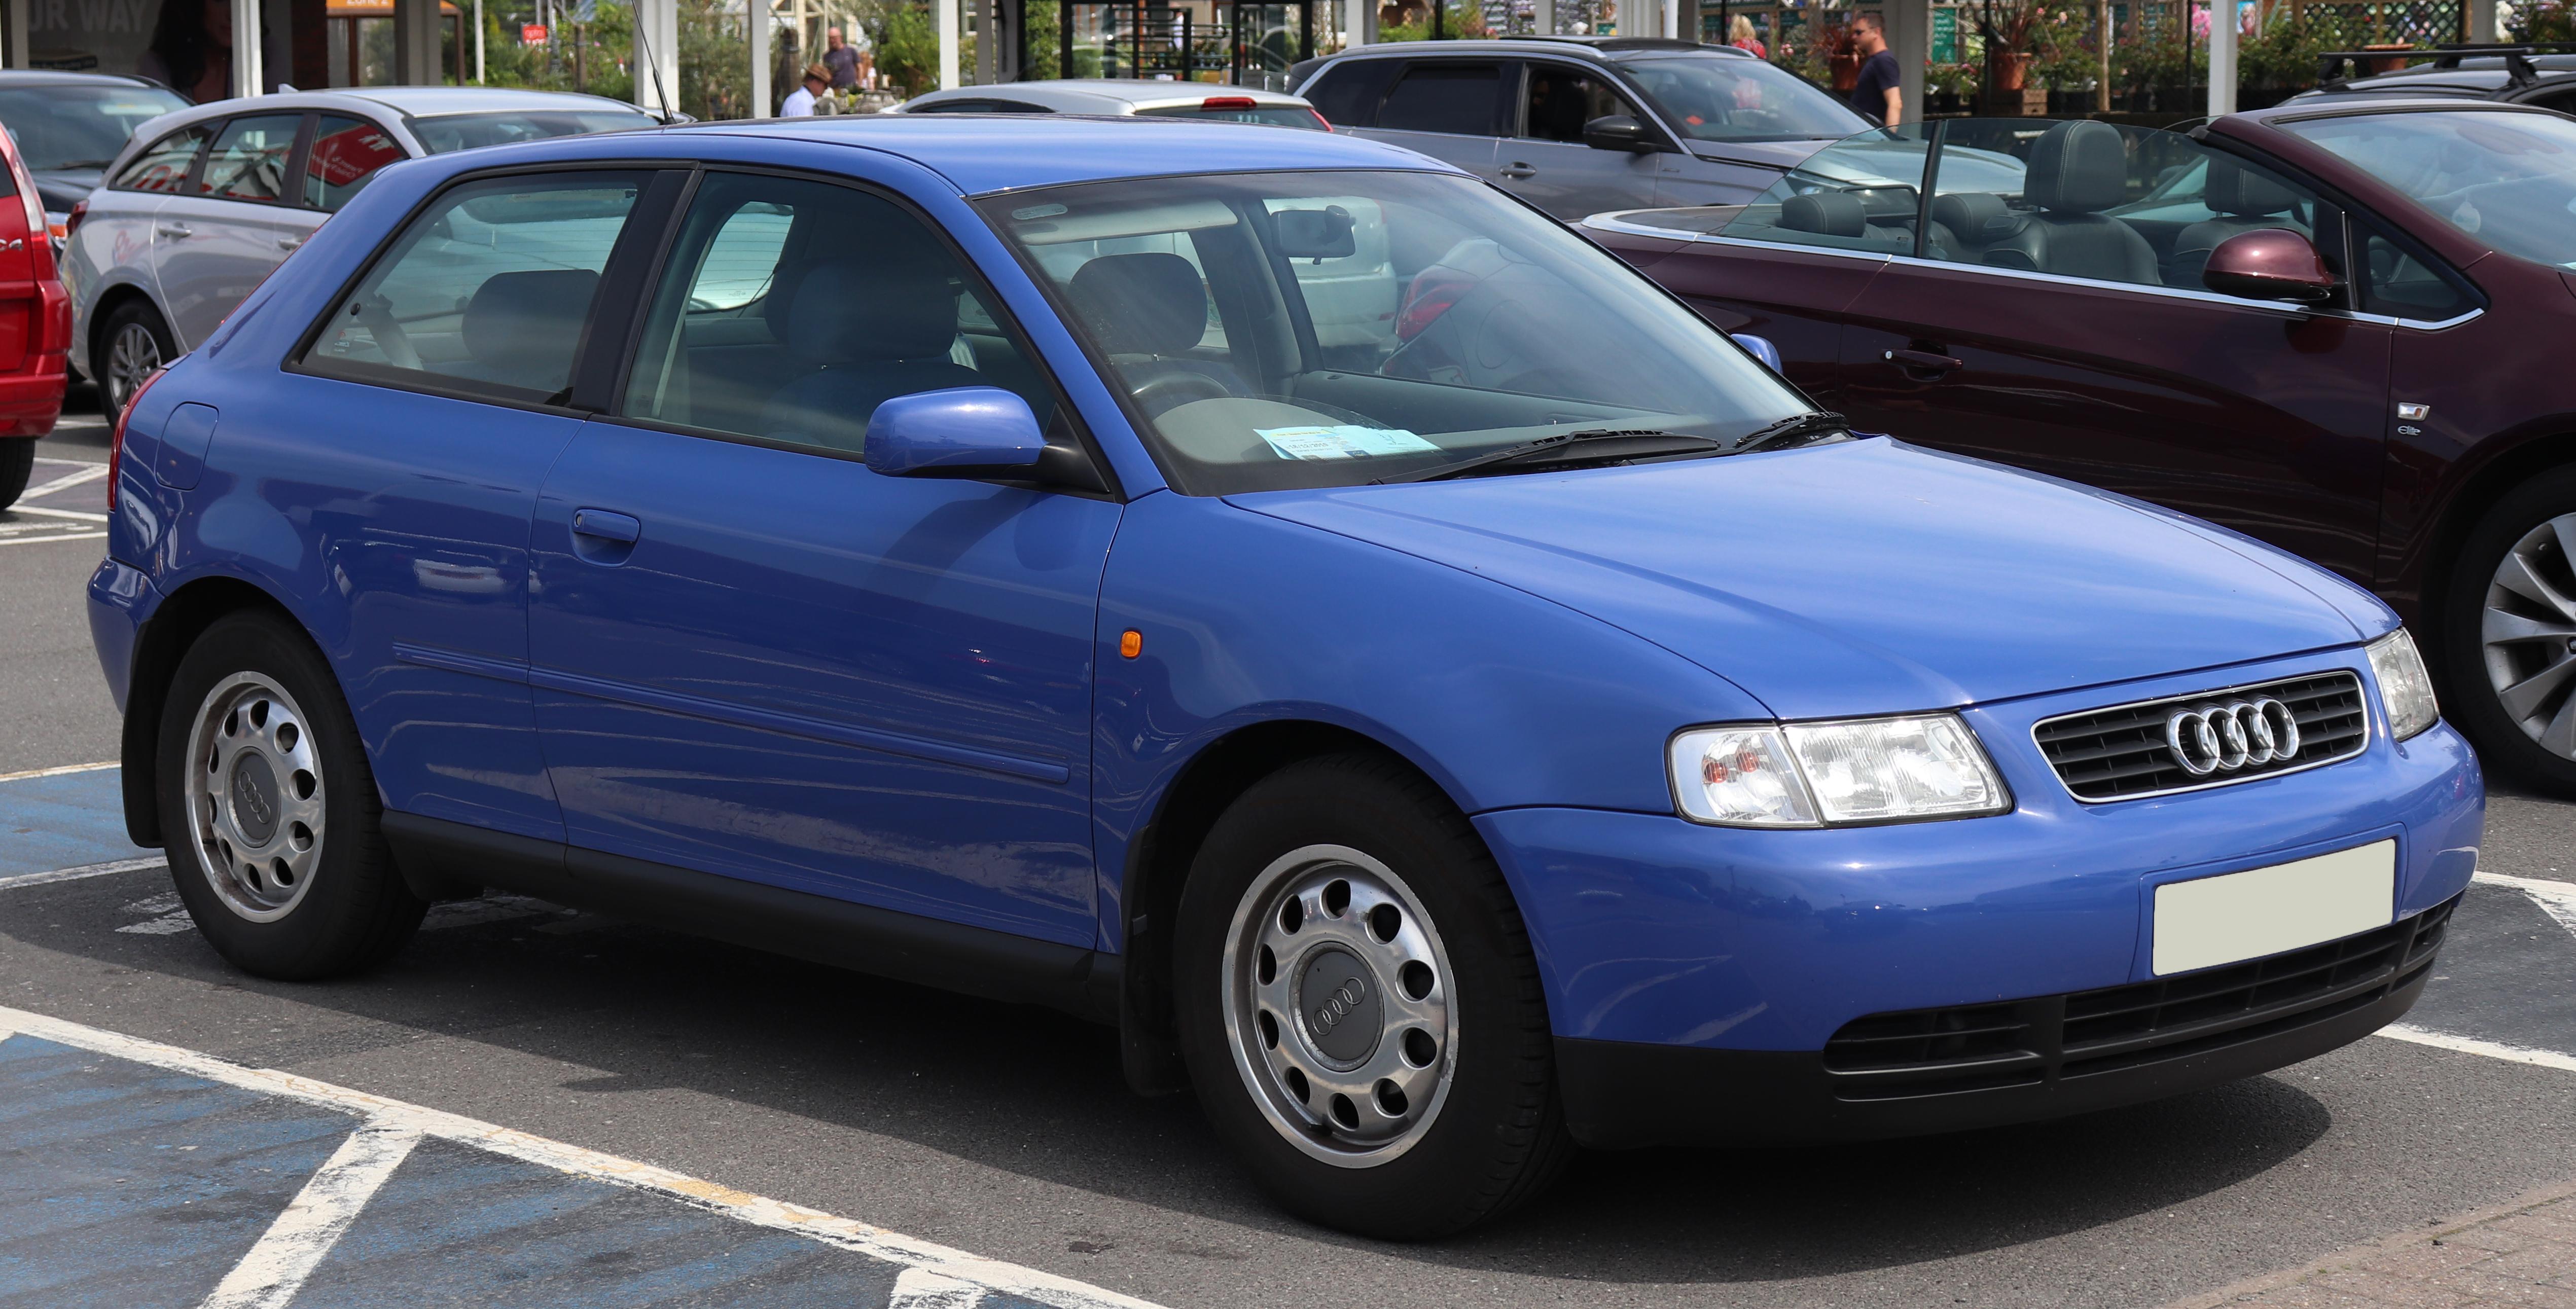 Kelebihan Kekurangan Audi A3 1998 Perbandingan Harga